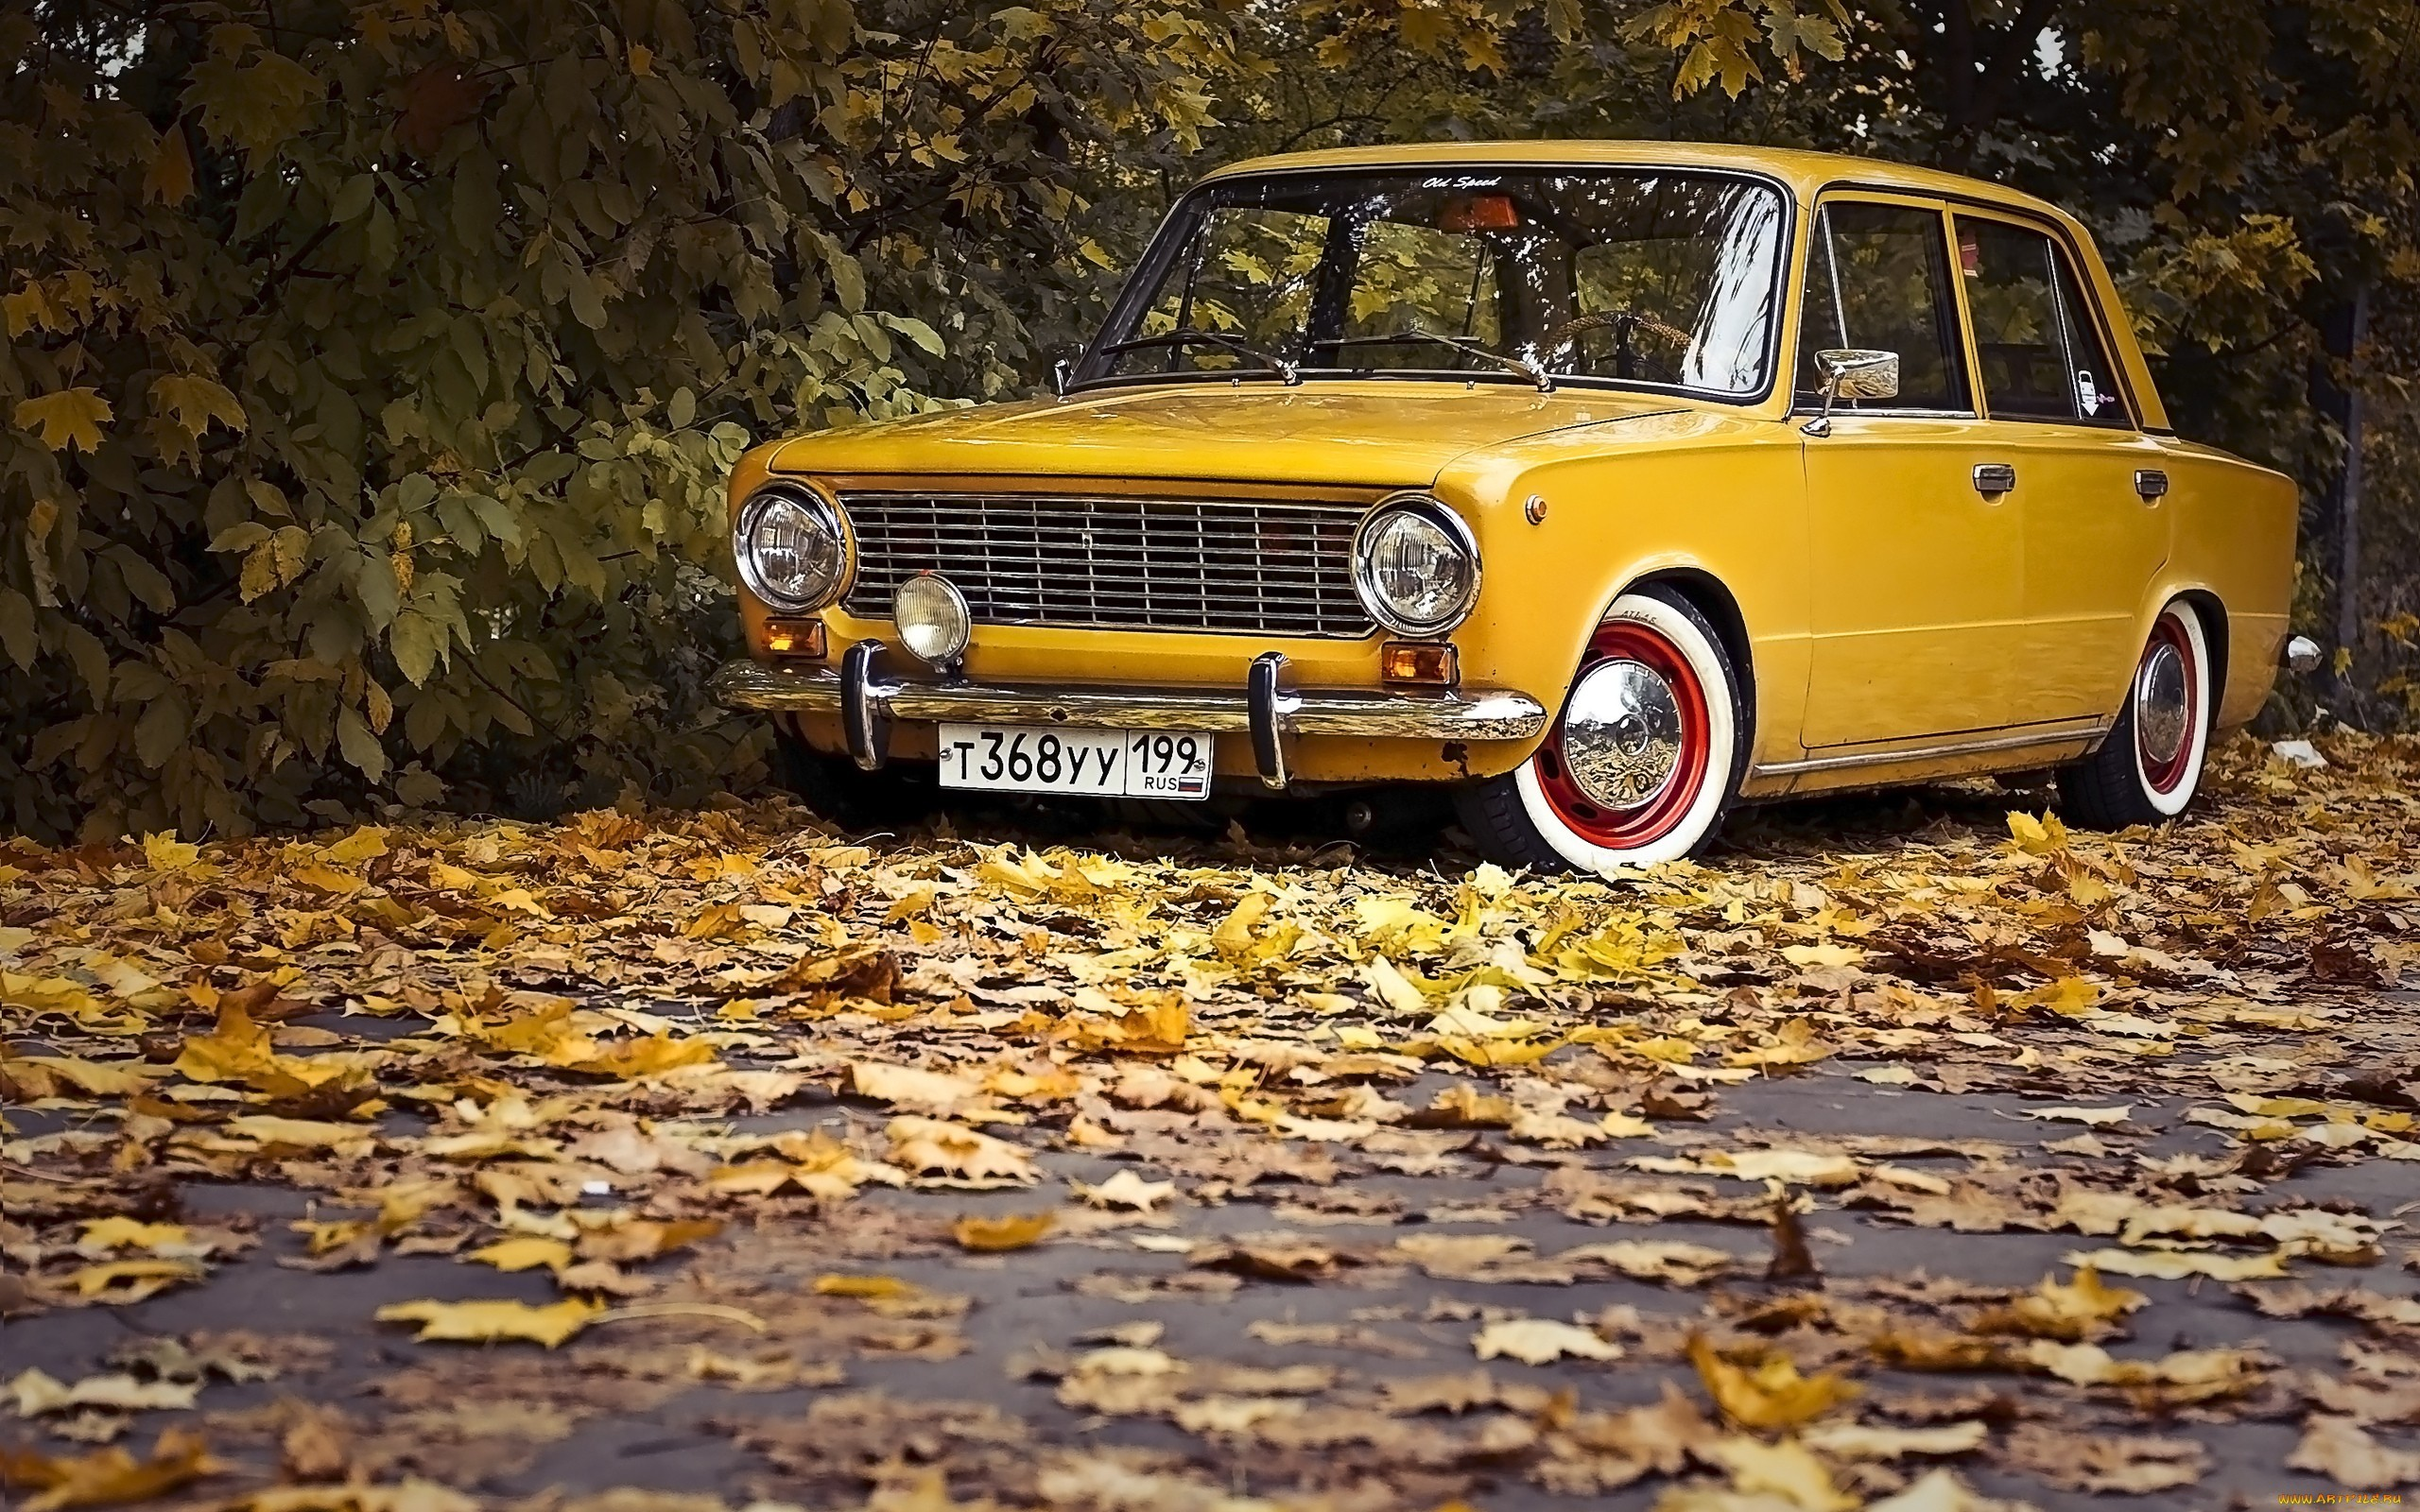 22679 скачать обои Транспорт, Машины, Дороги, Осень, Листья, Лада (Lada) - заставки и картинки бесплатно